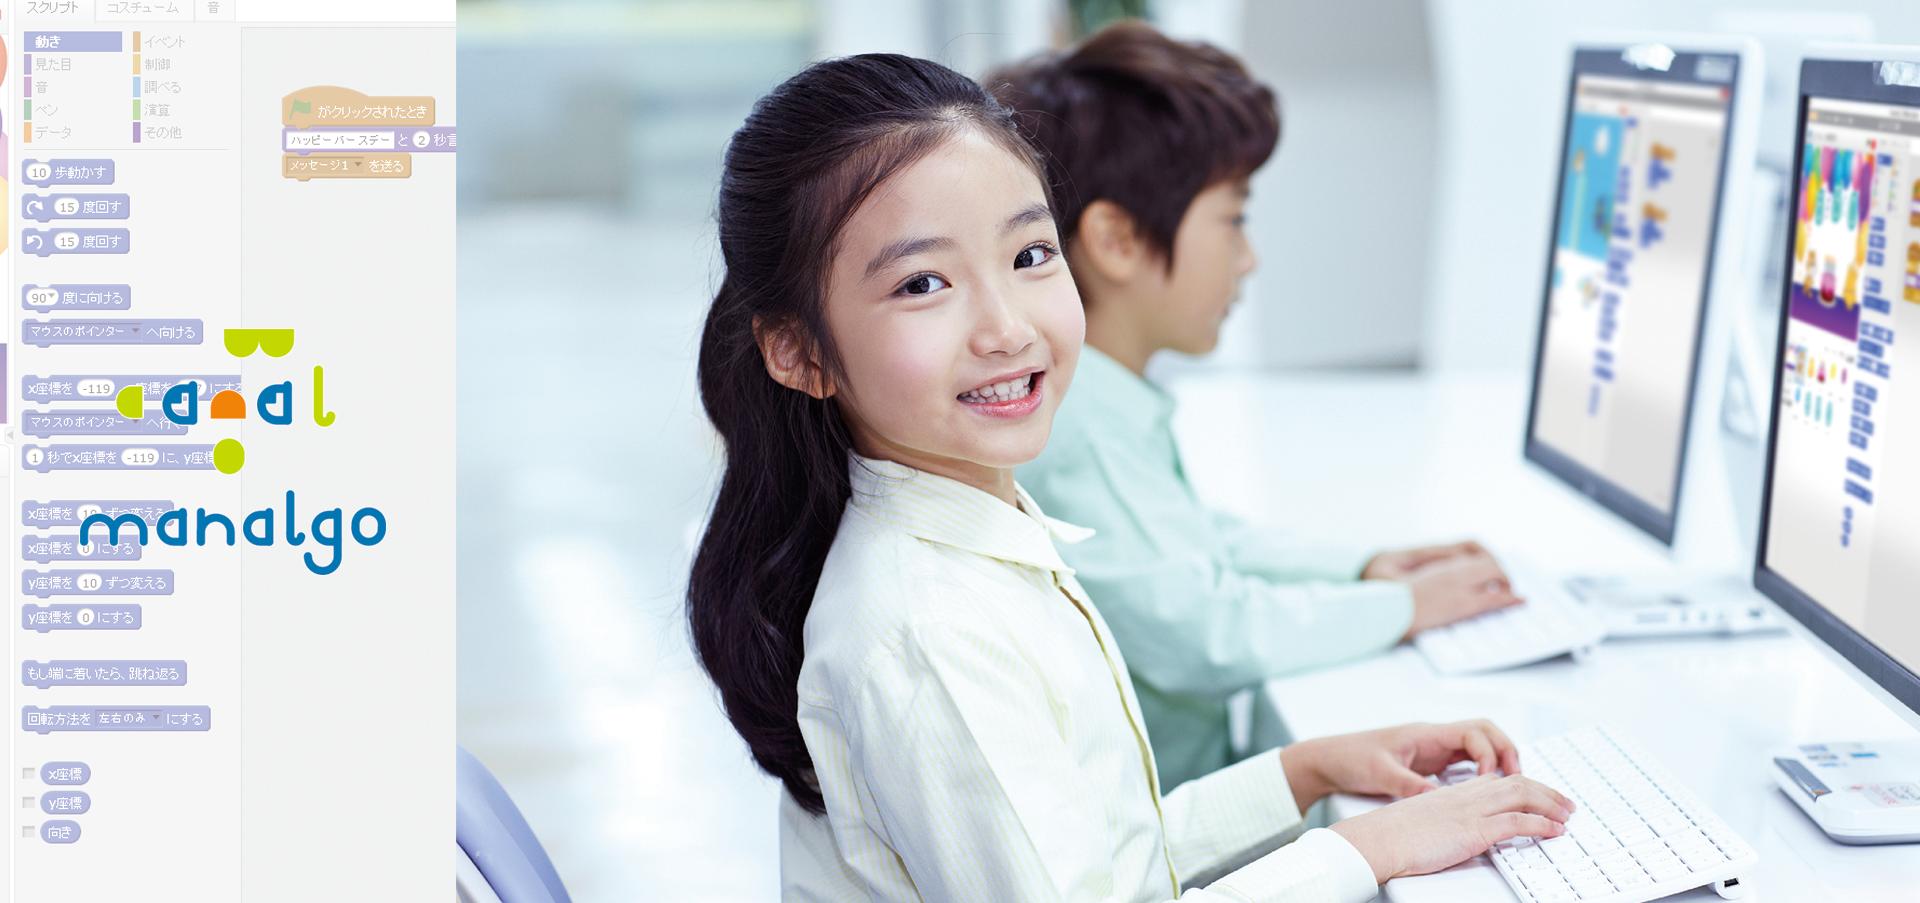 プログラミング教室 manalgo北山校